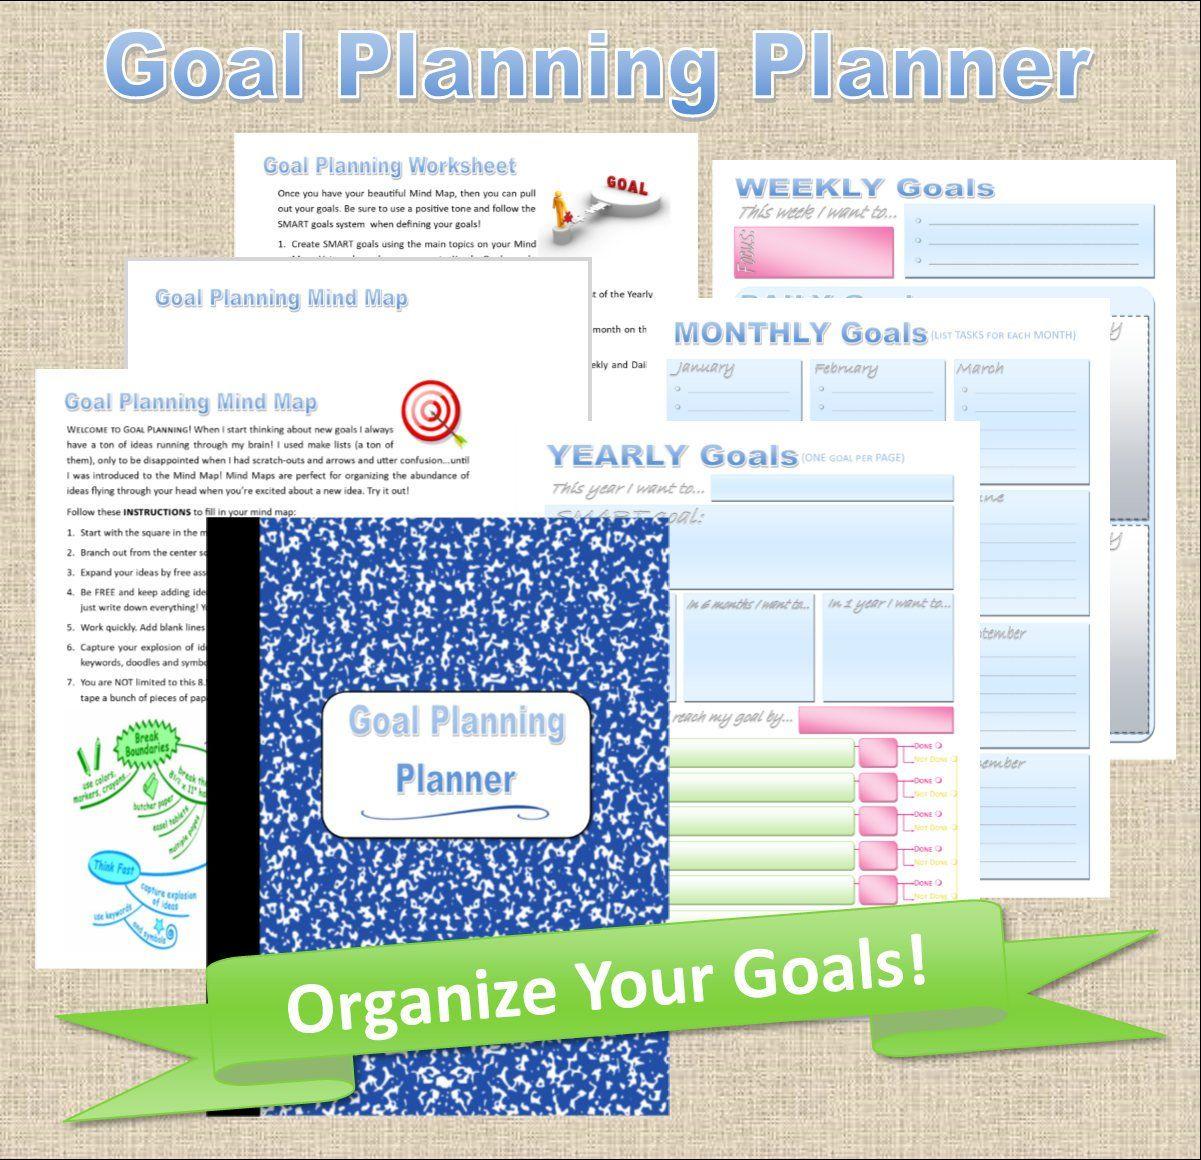 Printable Goal Setting Planner Goal Planner Pdf Monthly Goal Tracker Weekly Goal Tracker Goal Planner Goals Planner Goal Planning Worksheet Goals Worksheet